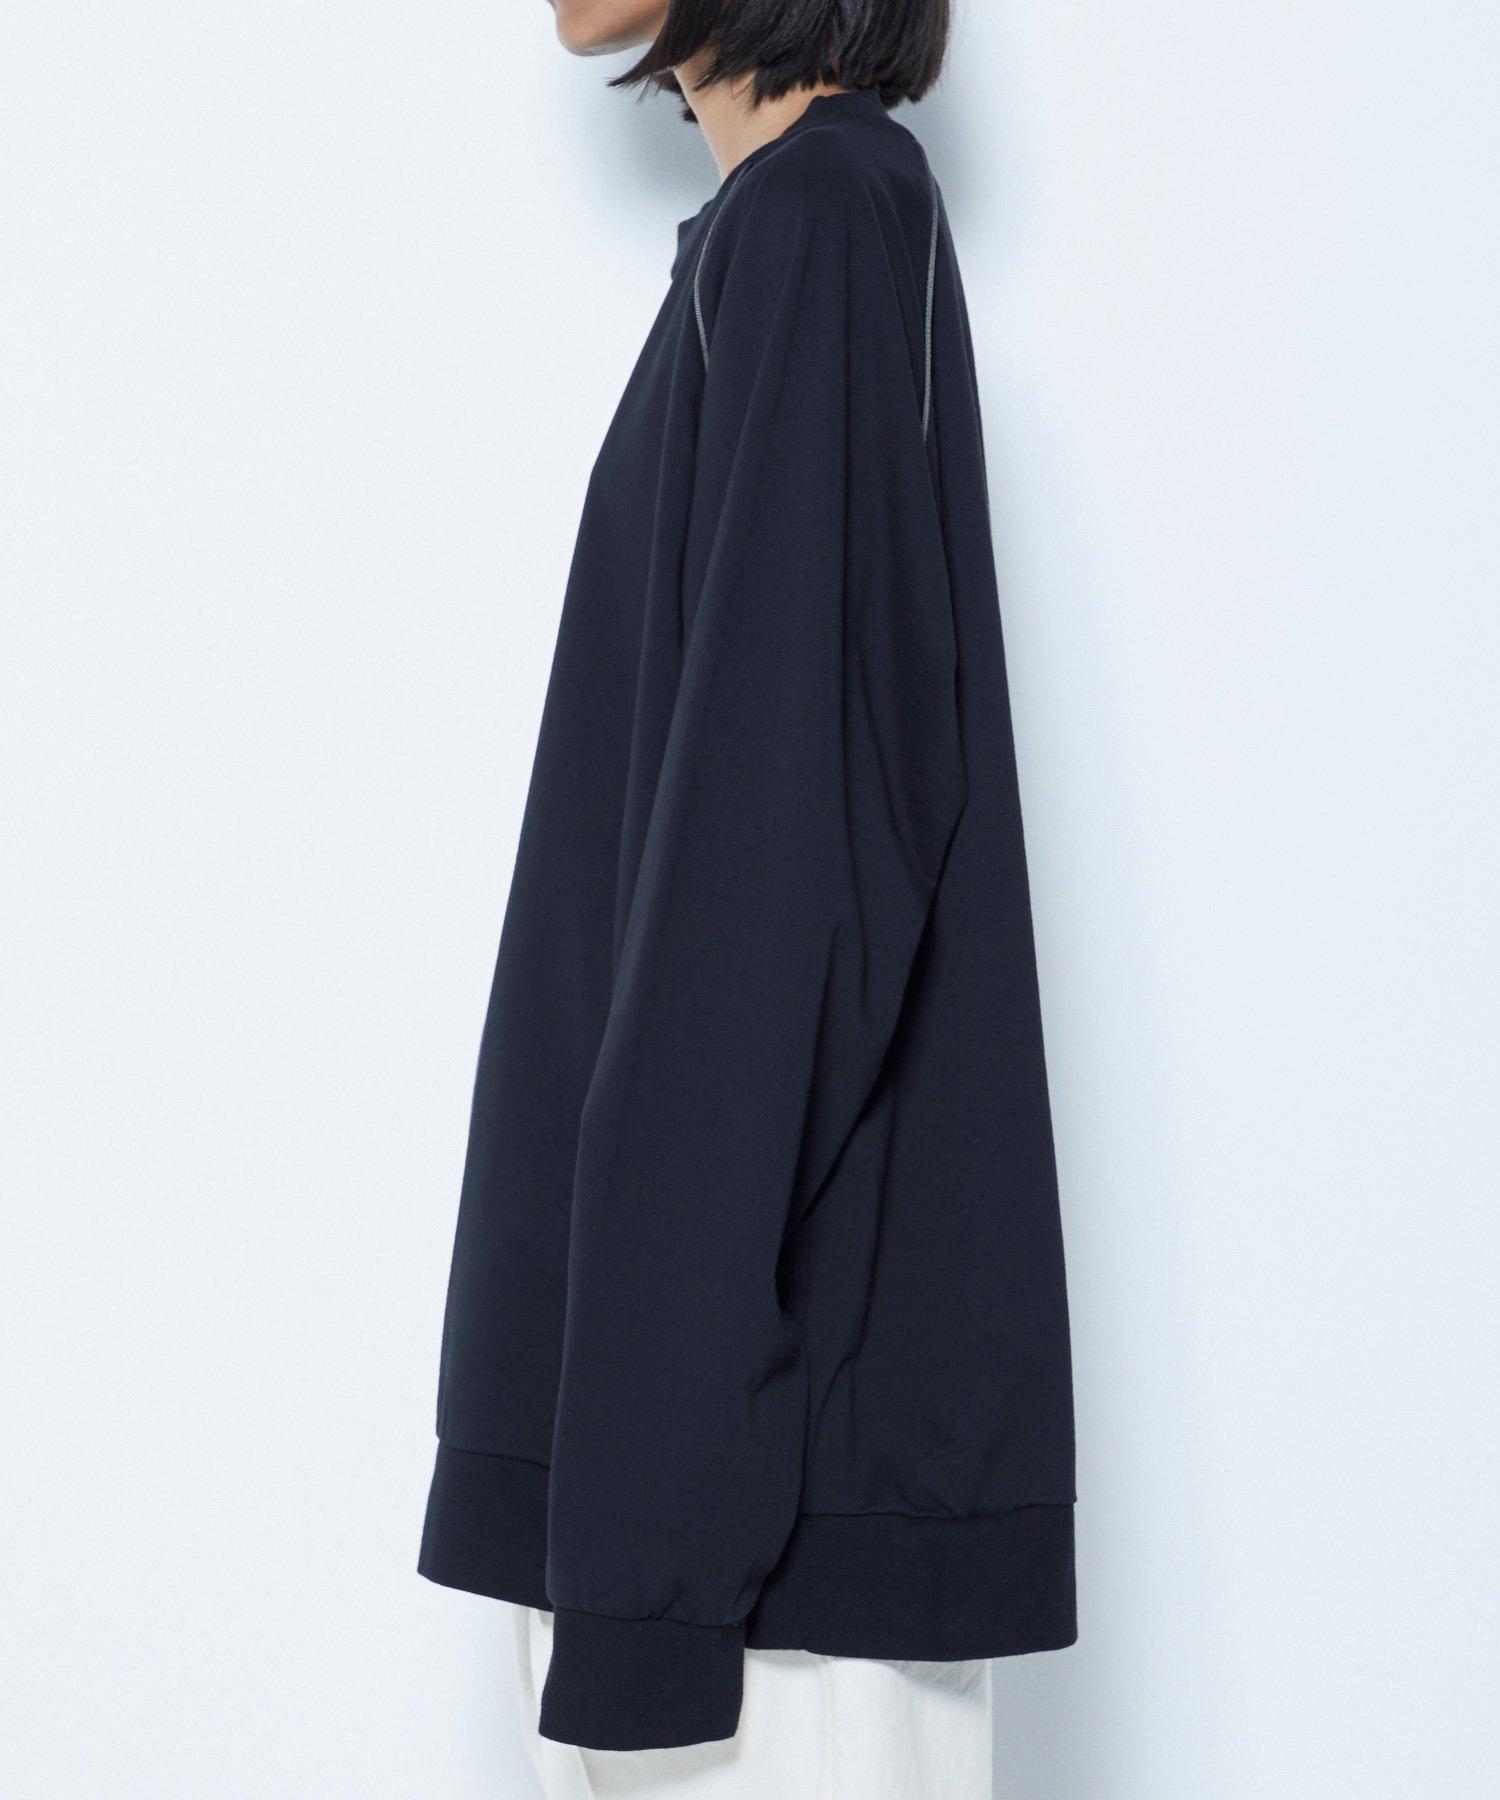 SWT GREW 【BLACK】